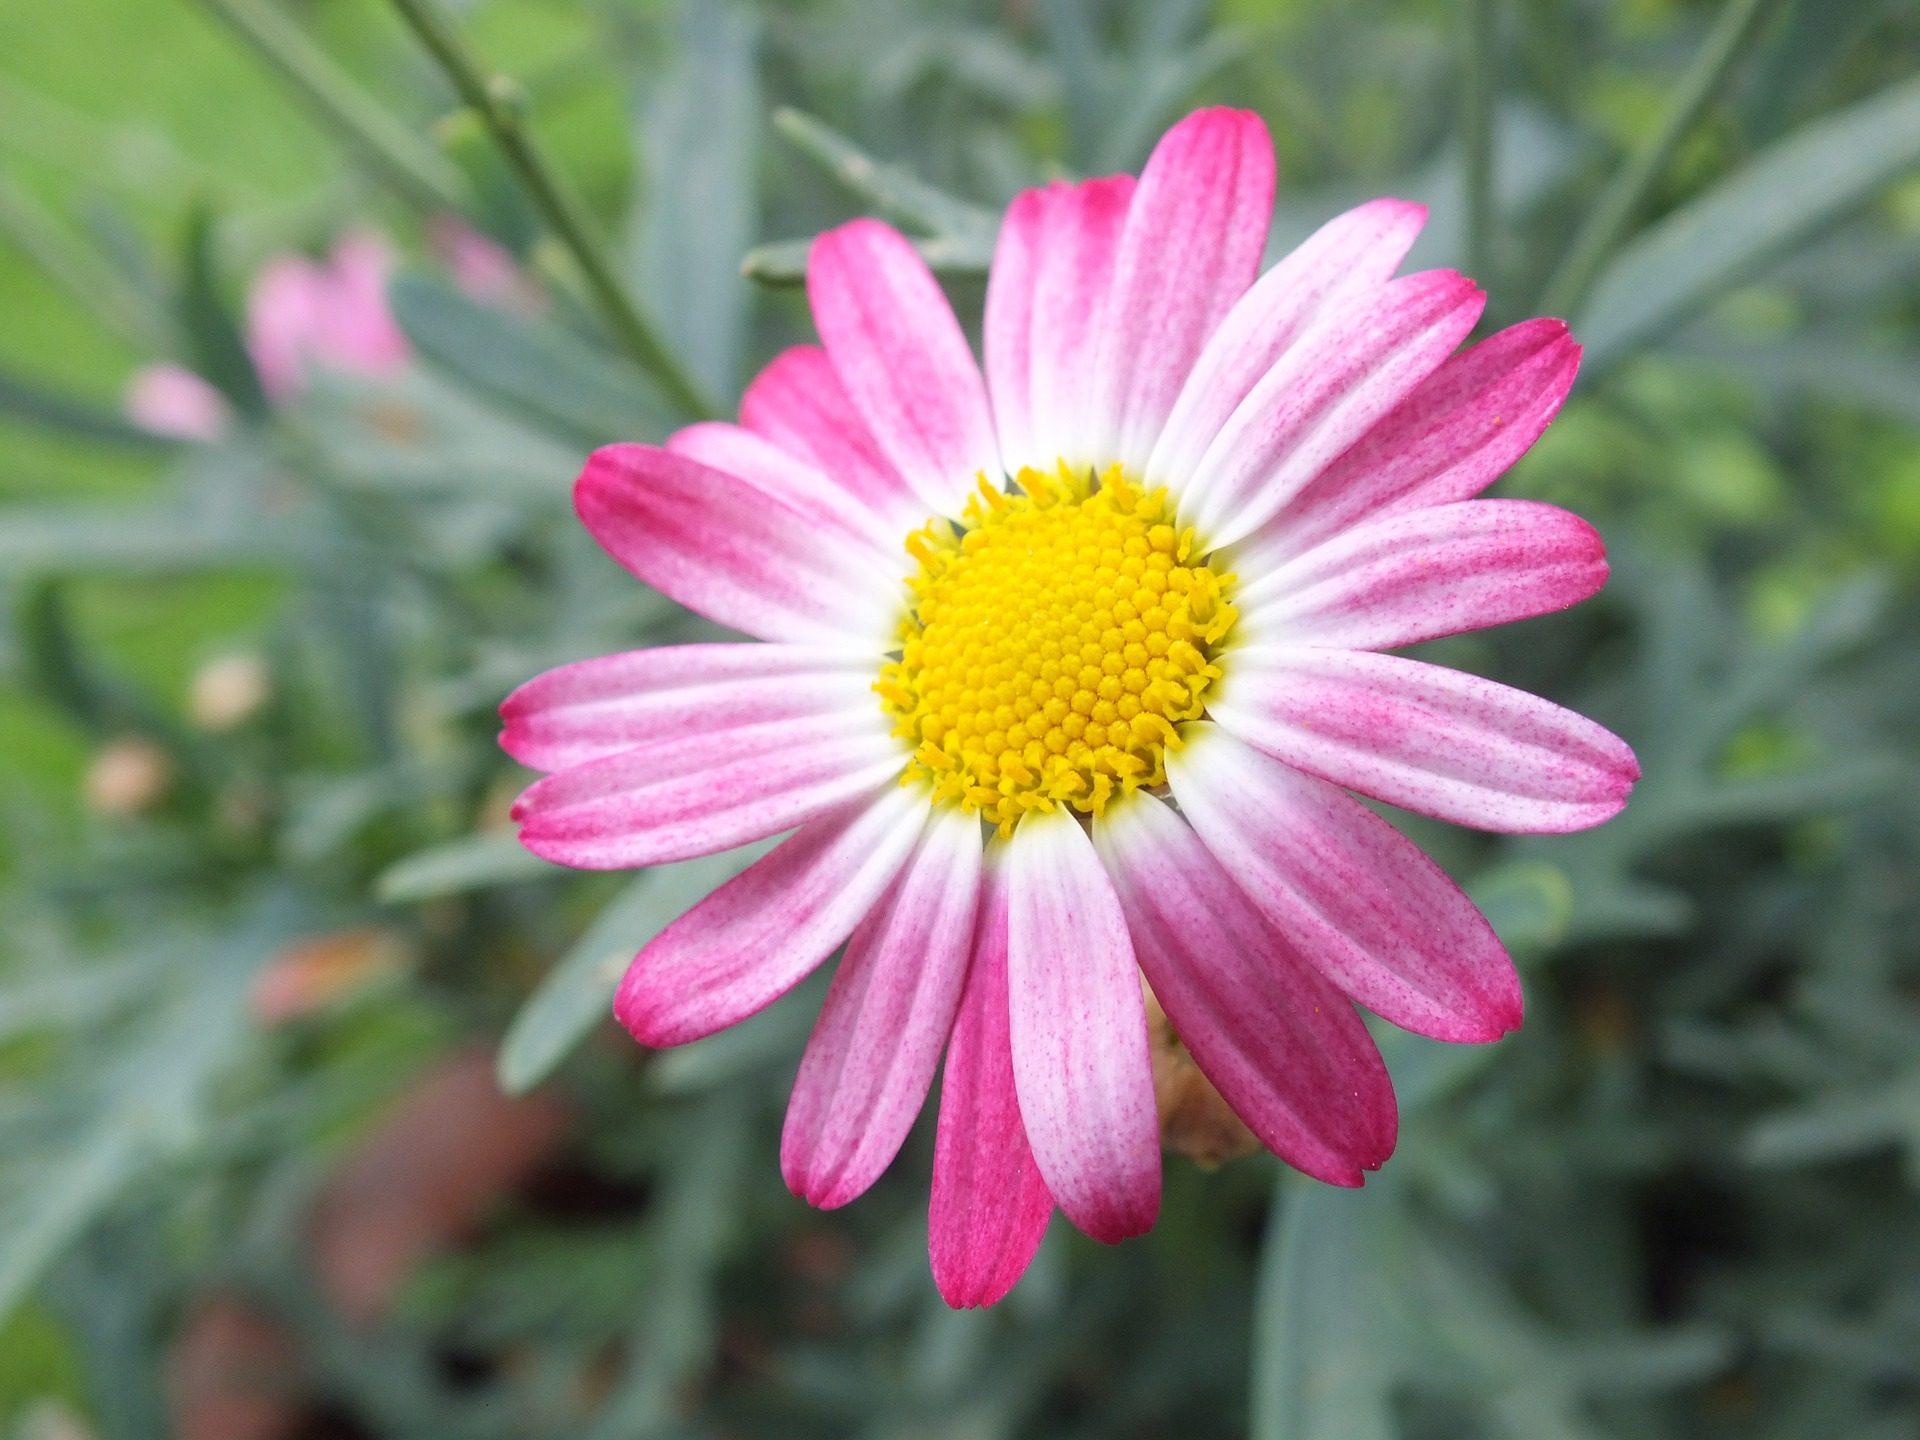 Μαργαρίτα, λουλούδι, πέταλα, Κήπος, Άνθιση, Rosa - Wallpapers HD - Professor-falken.com